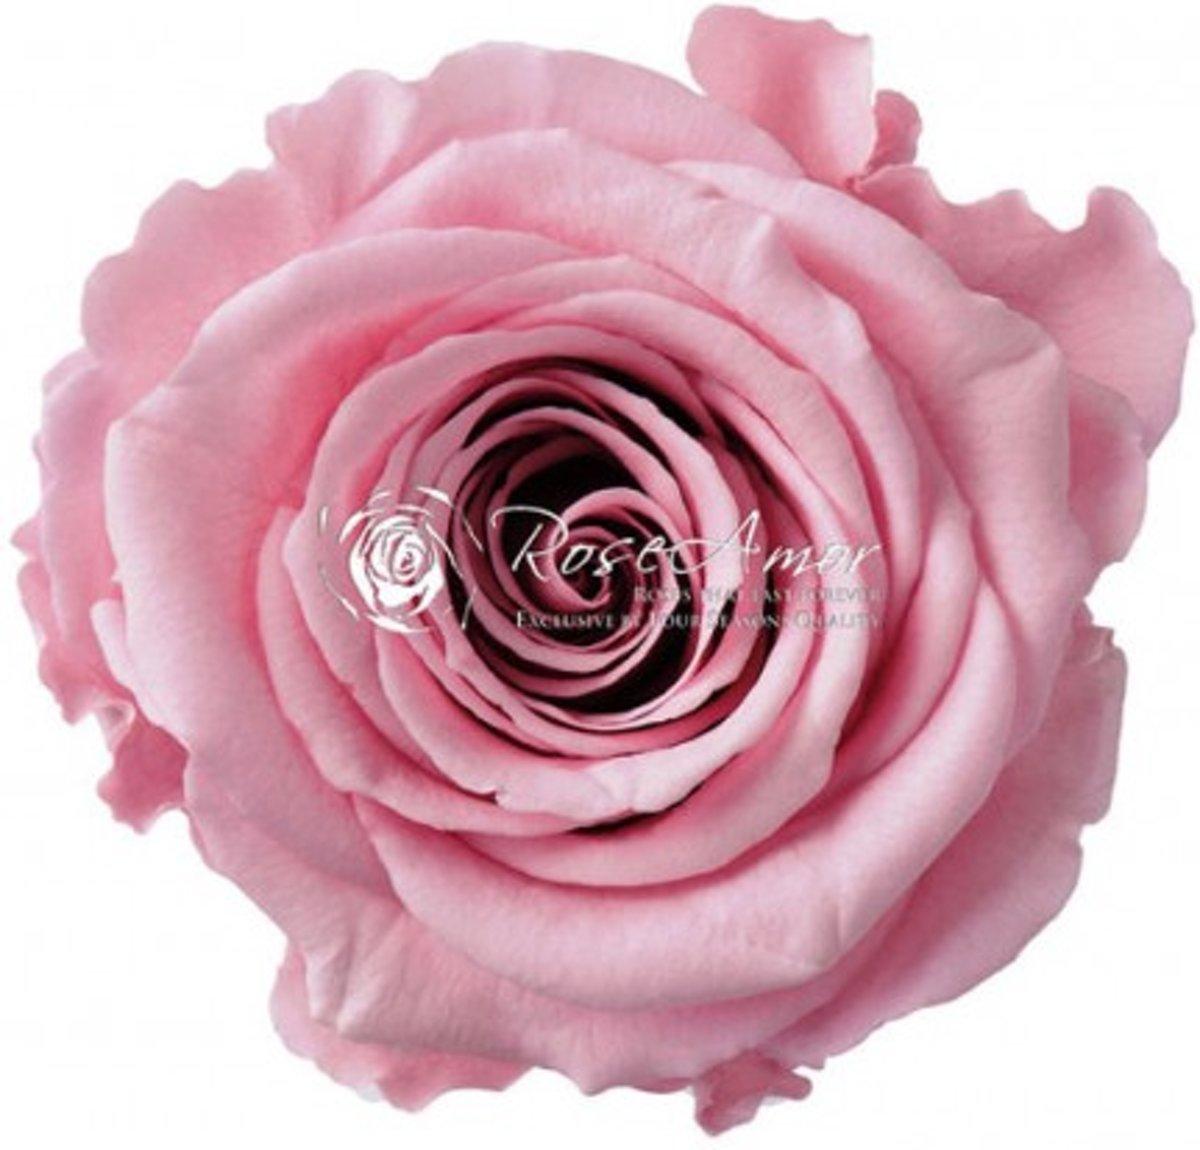 Geconserveerde longlife roze rozen (6 stuks)